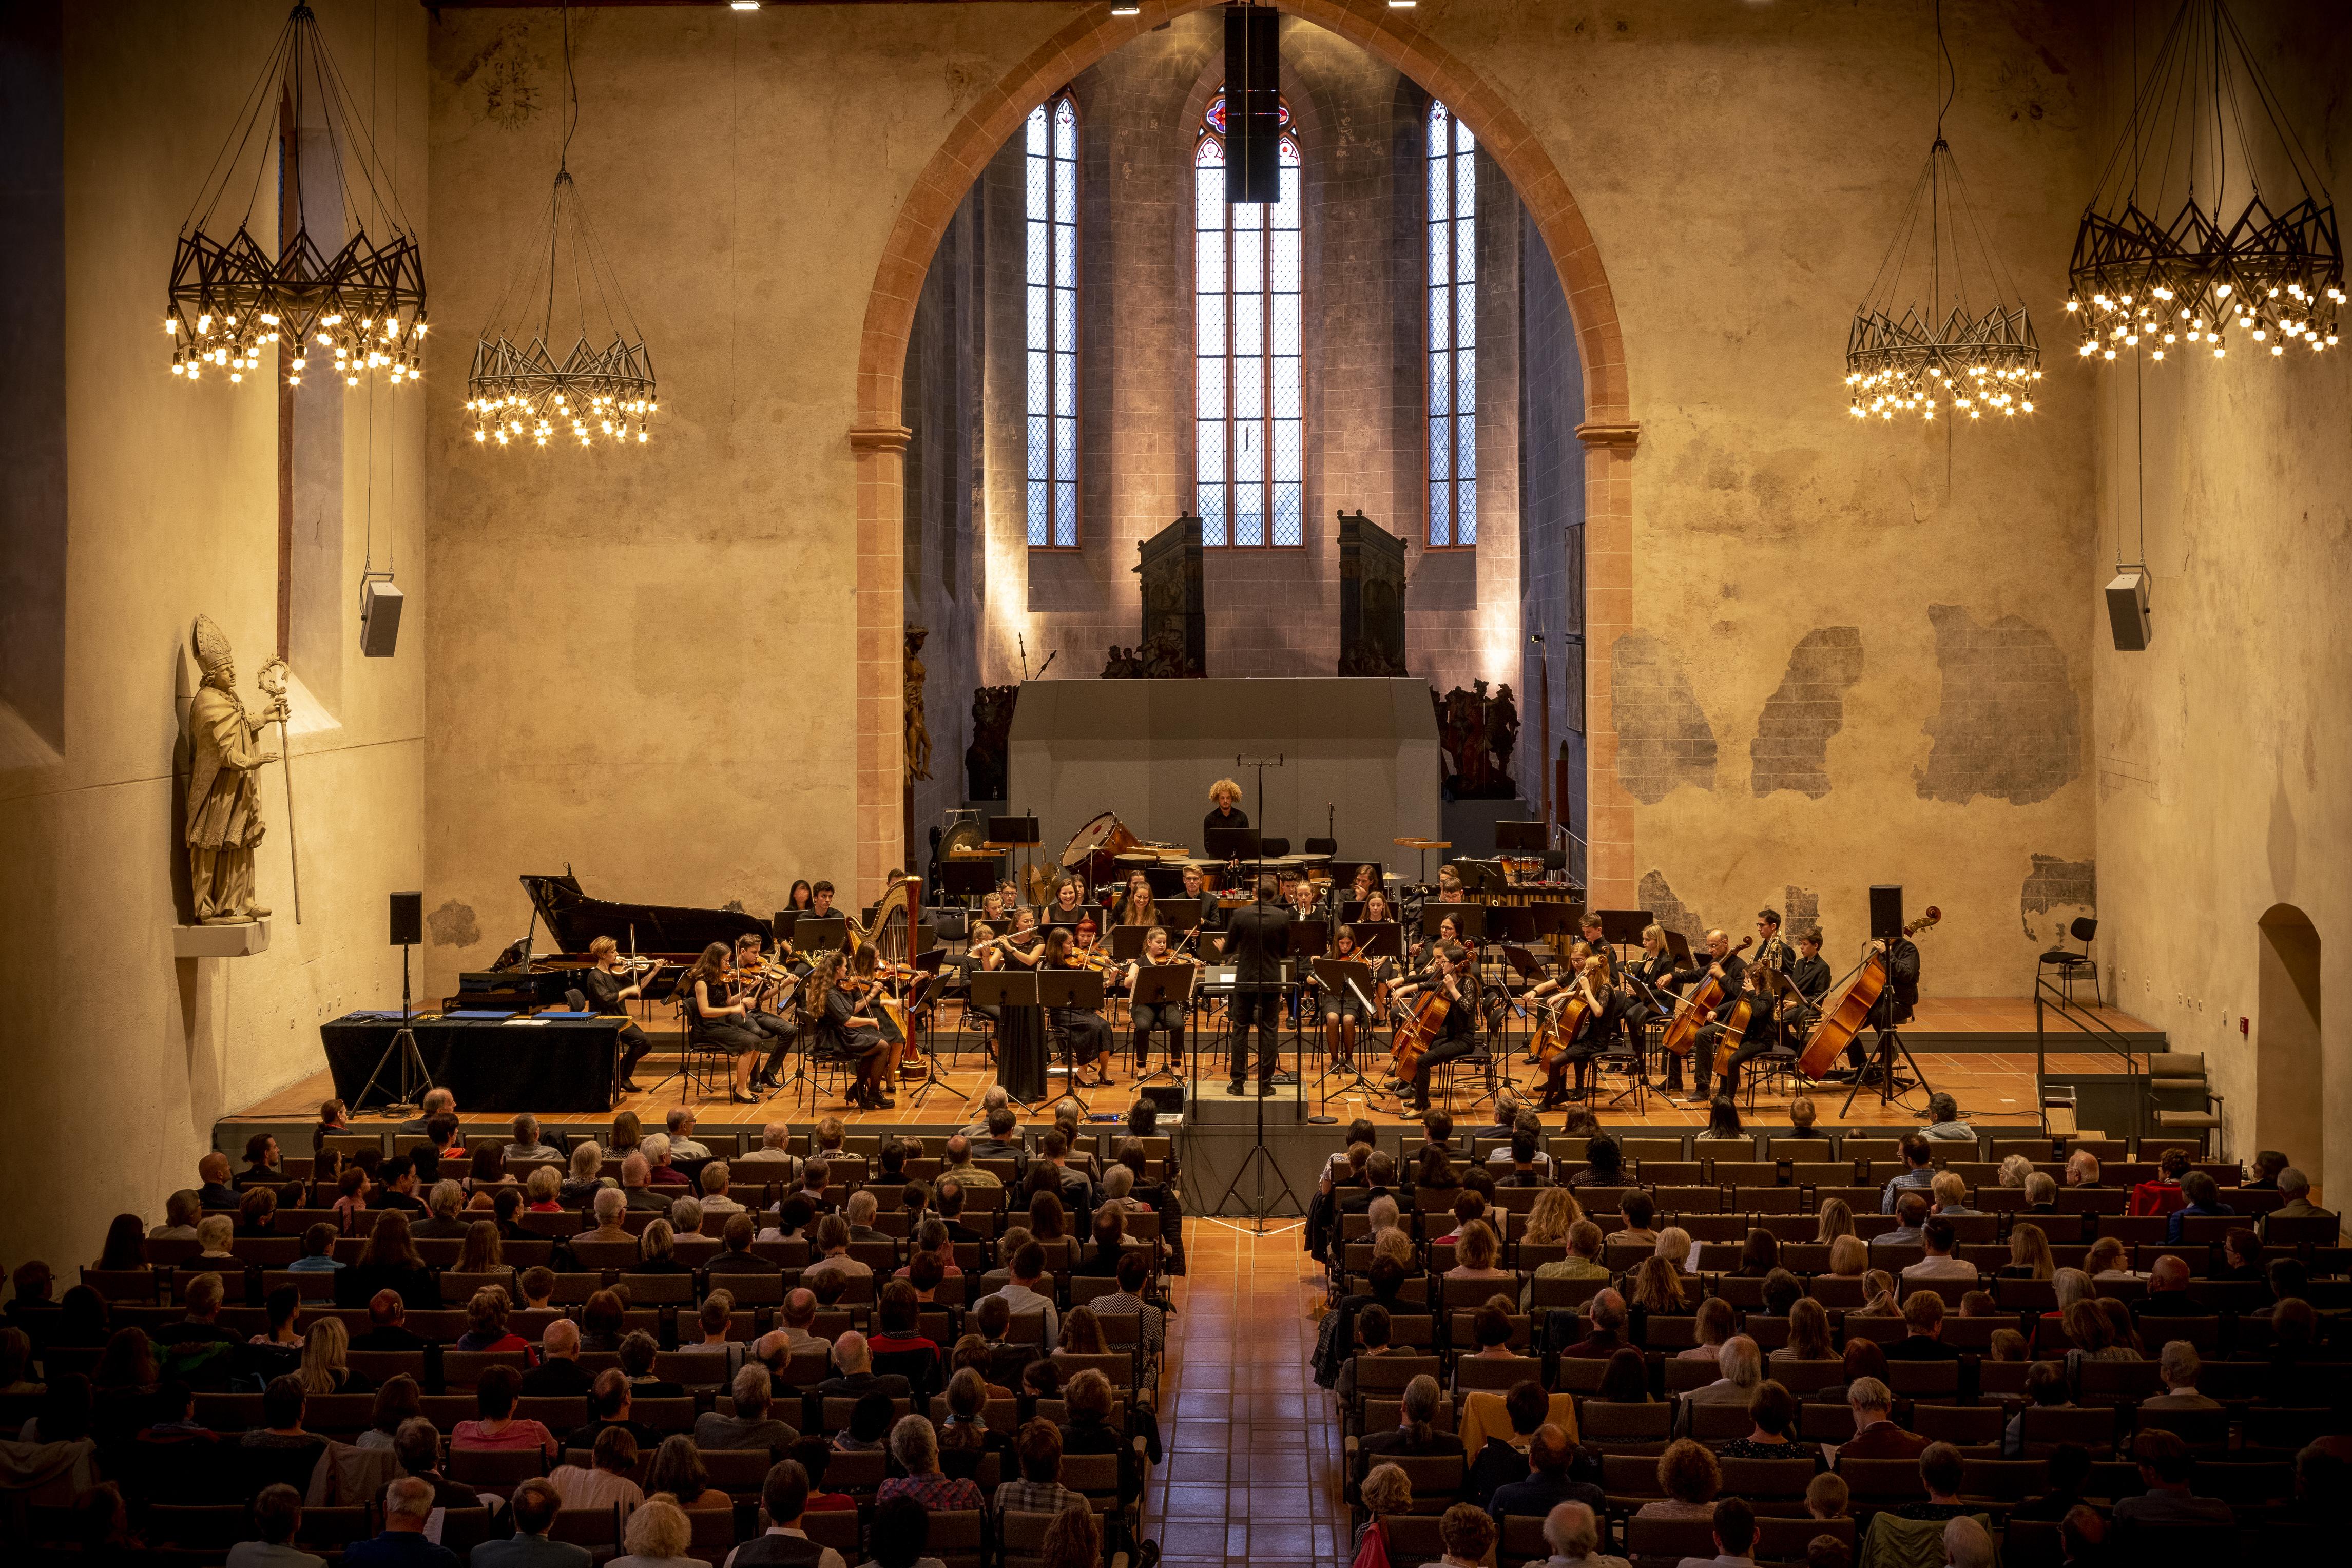 https://www.jugendmusikschulen.de/wp-content/uploads/2020/03/IMGP3789.jpg